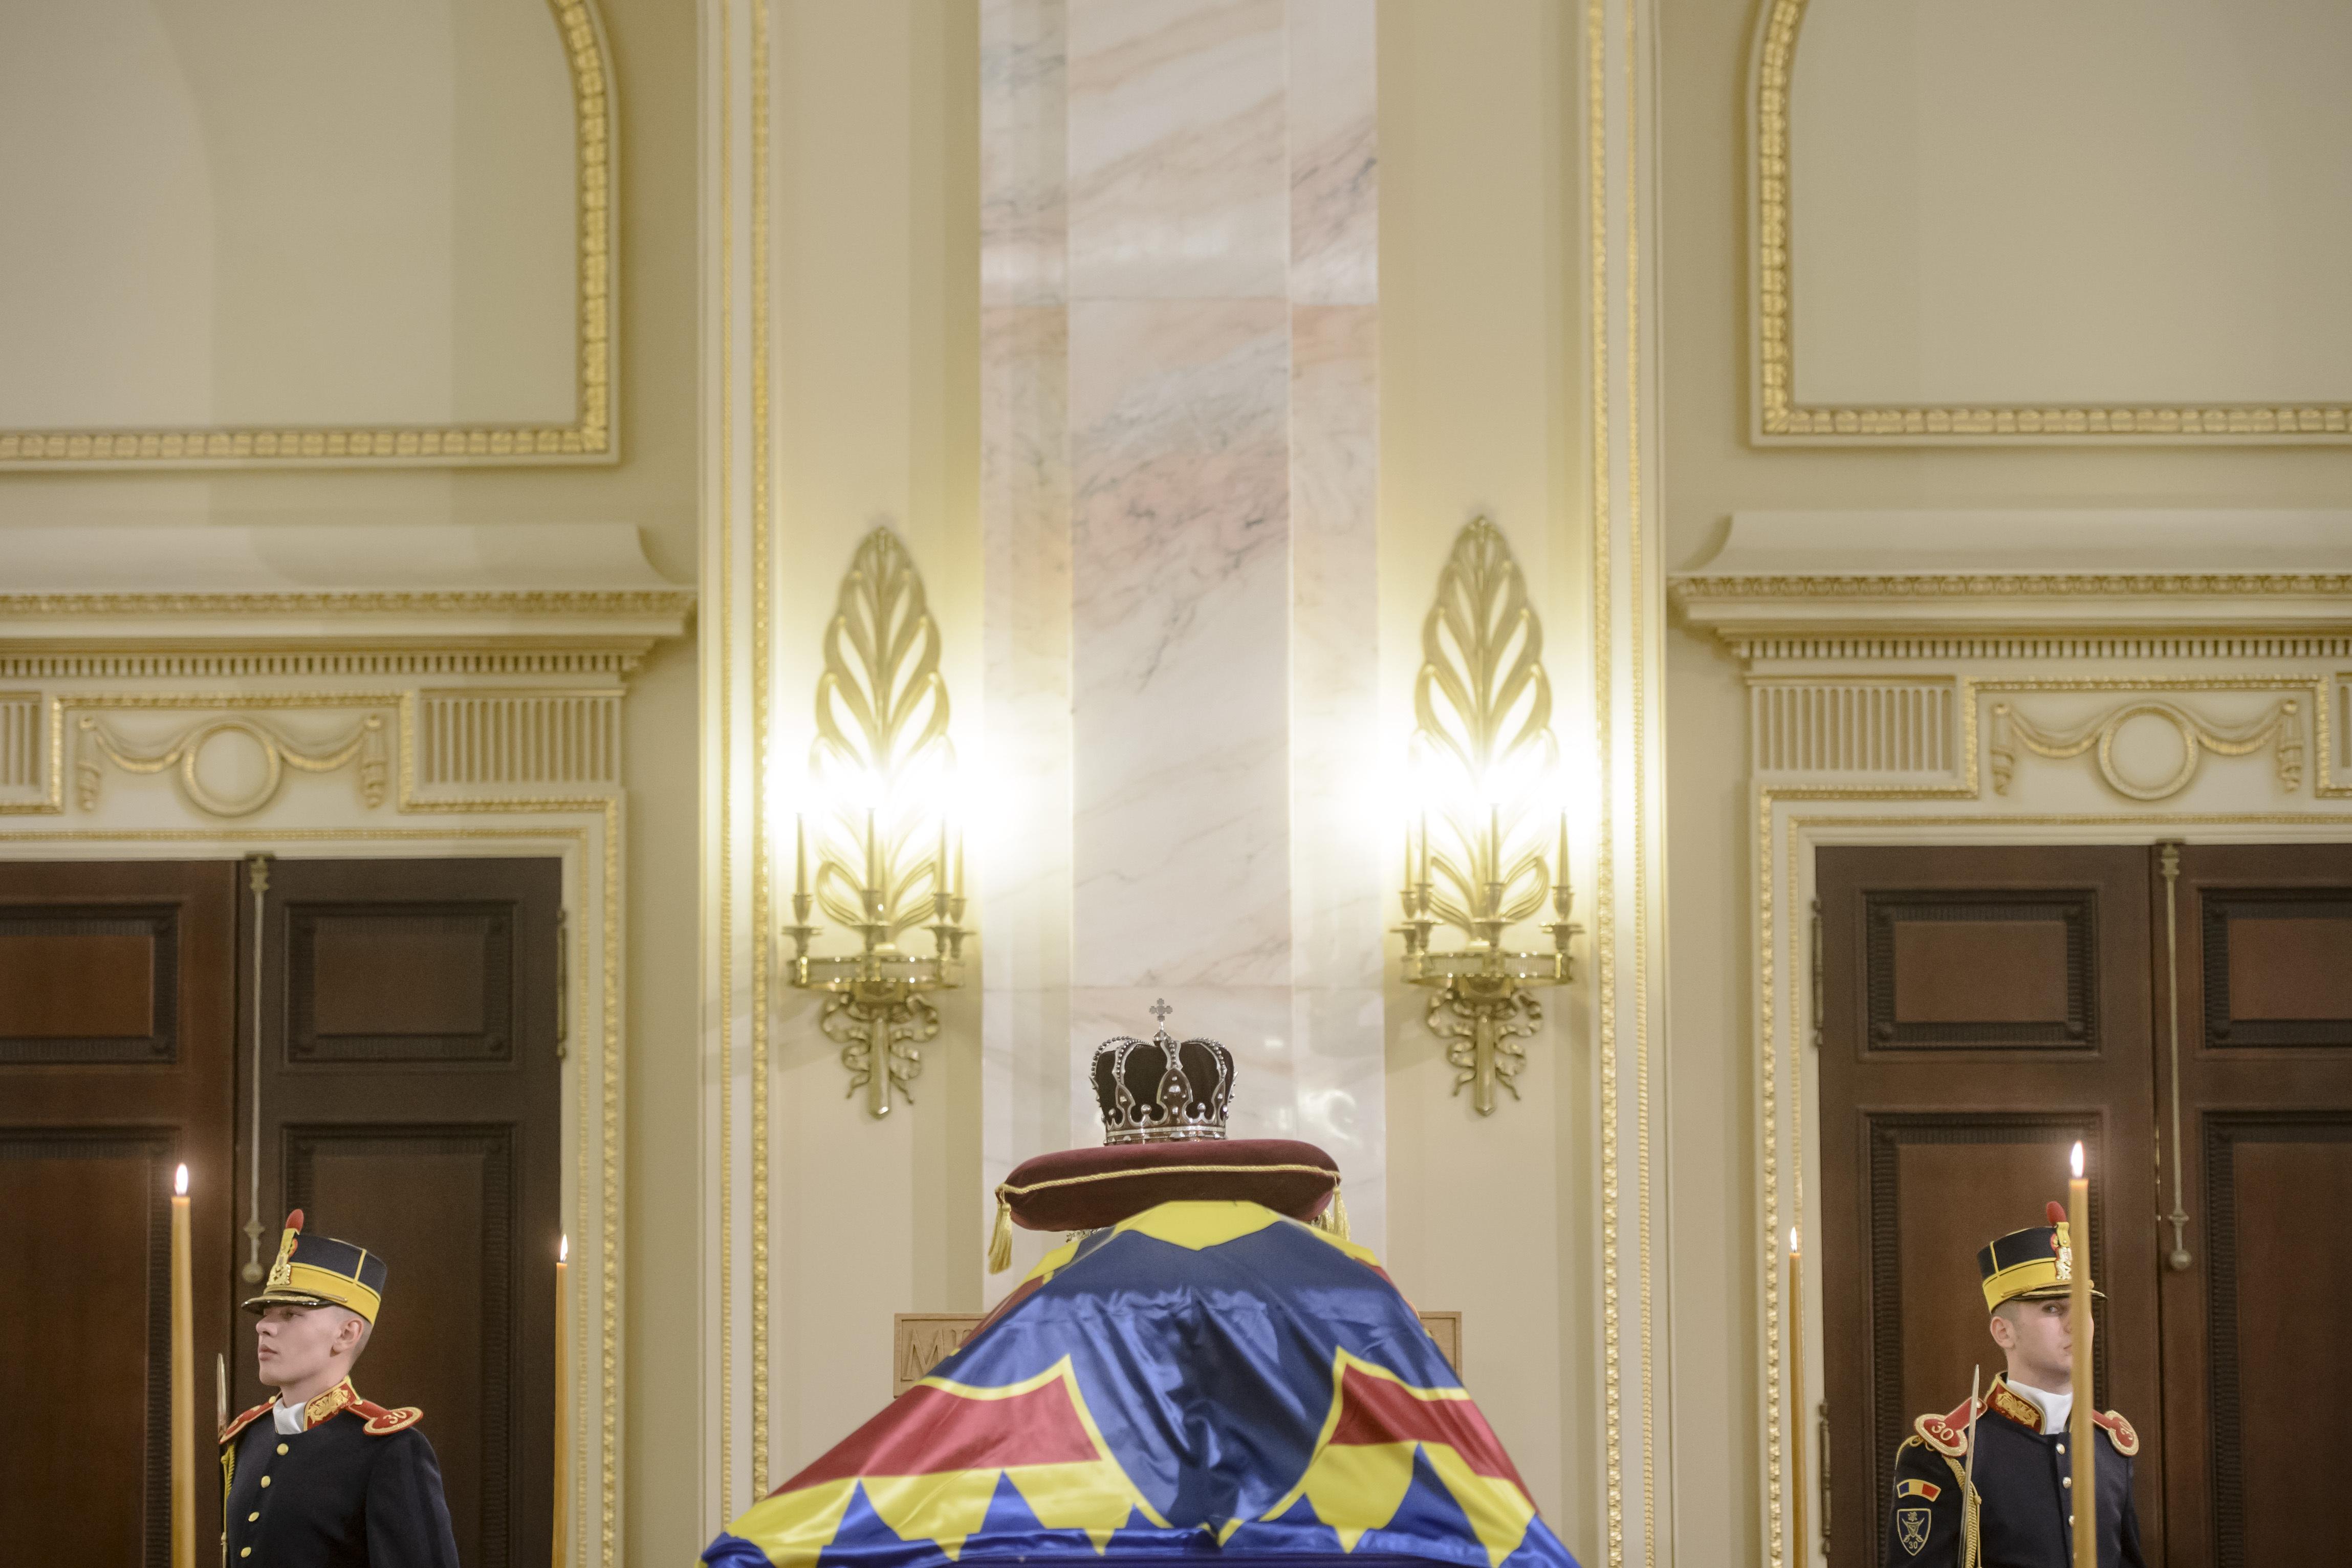 FUNERALII Regele Mihai | Regele emerit al Spaniei Juan Carlos şi Regele Carl Gustaf al Suediei, la catafalcul Majestăţii Sale Defuncte/ Mii de oameni, la rând pentru un ultim omagiu la Palatul Regal